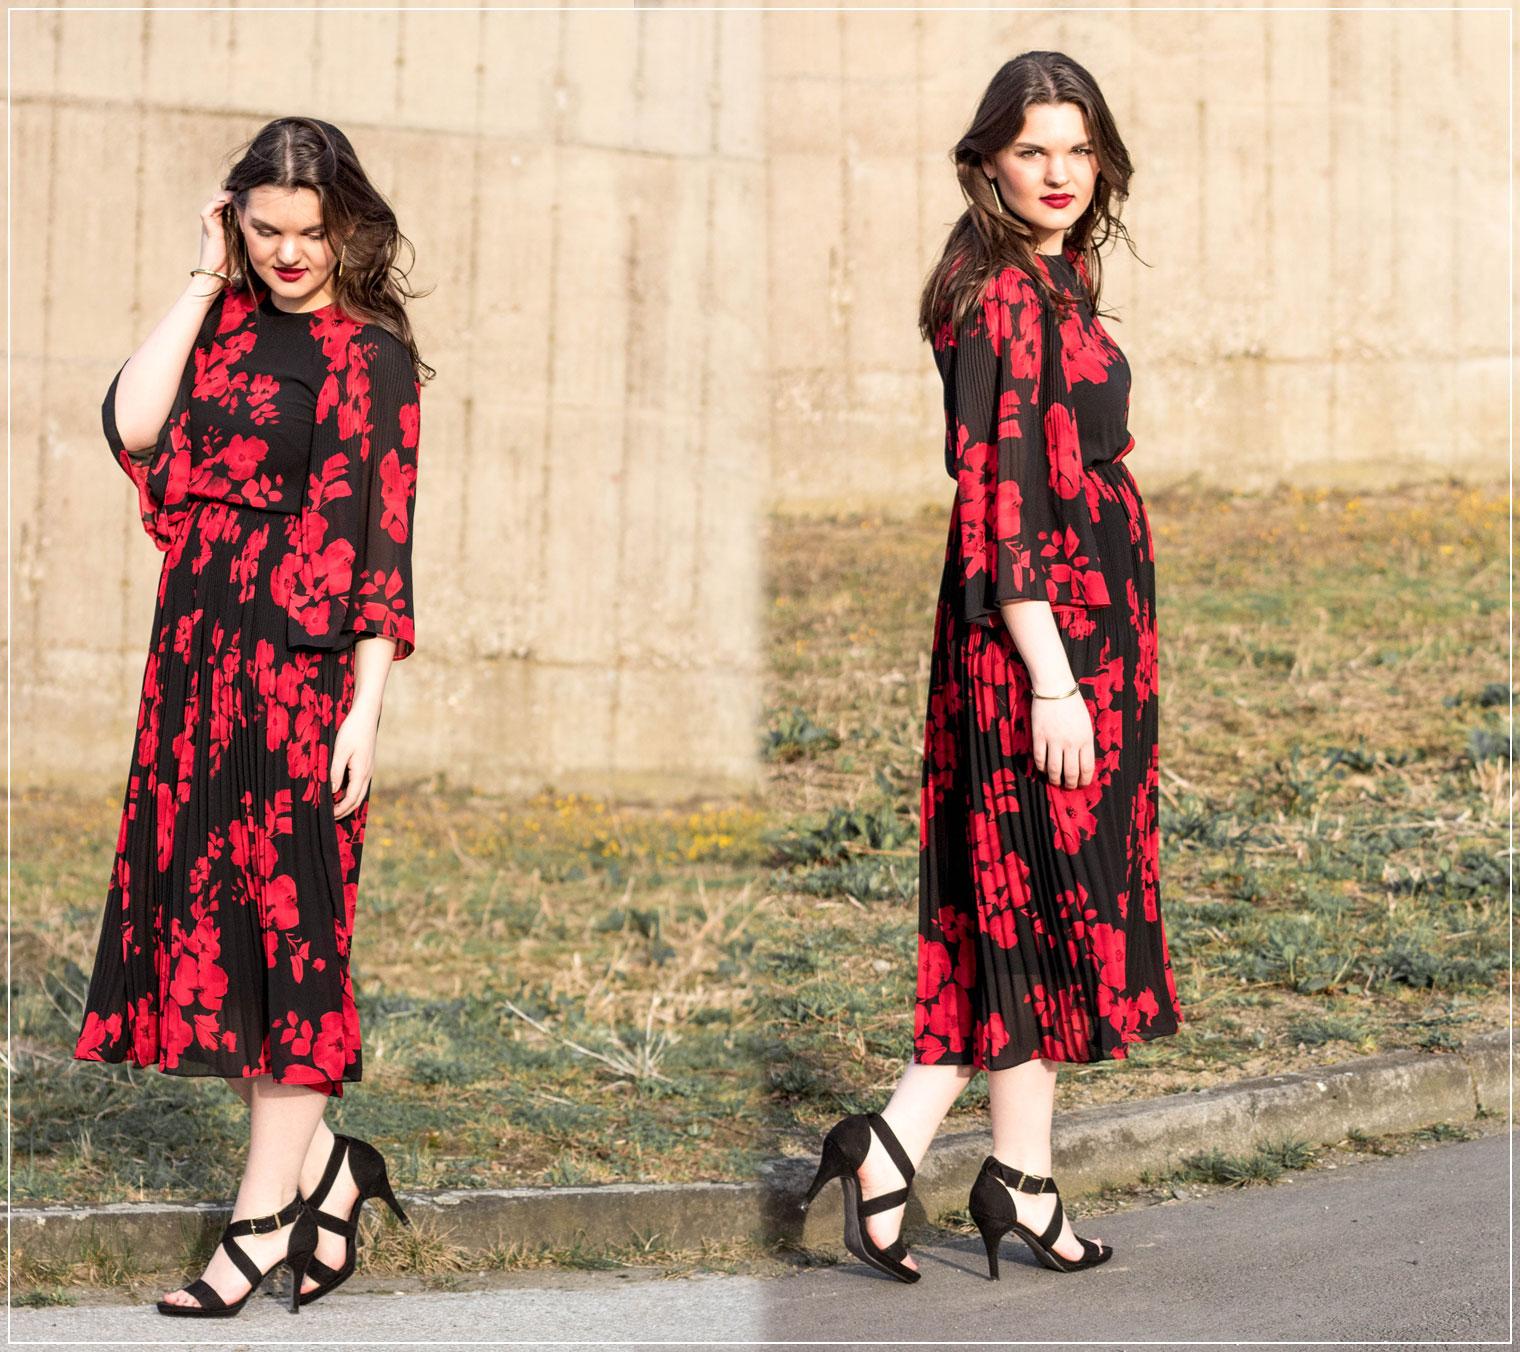 Die perfekten Kleider für Hochzeitsgäste - MILLI LOVES FASHION